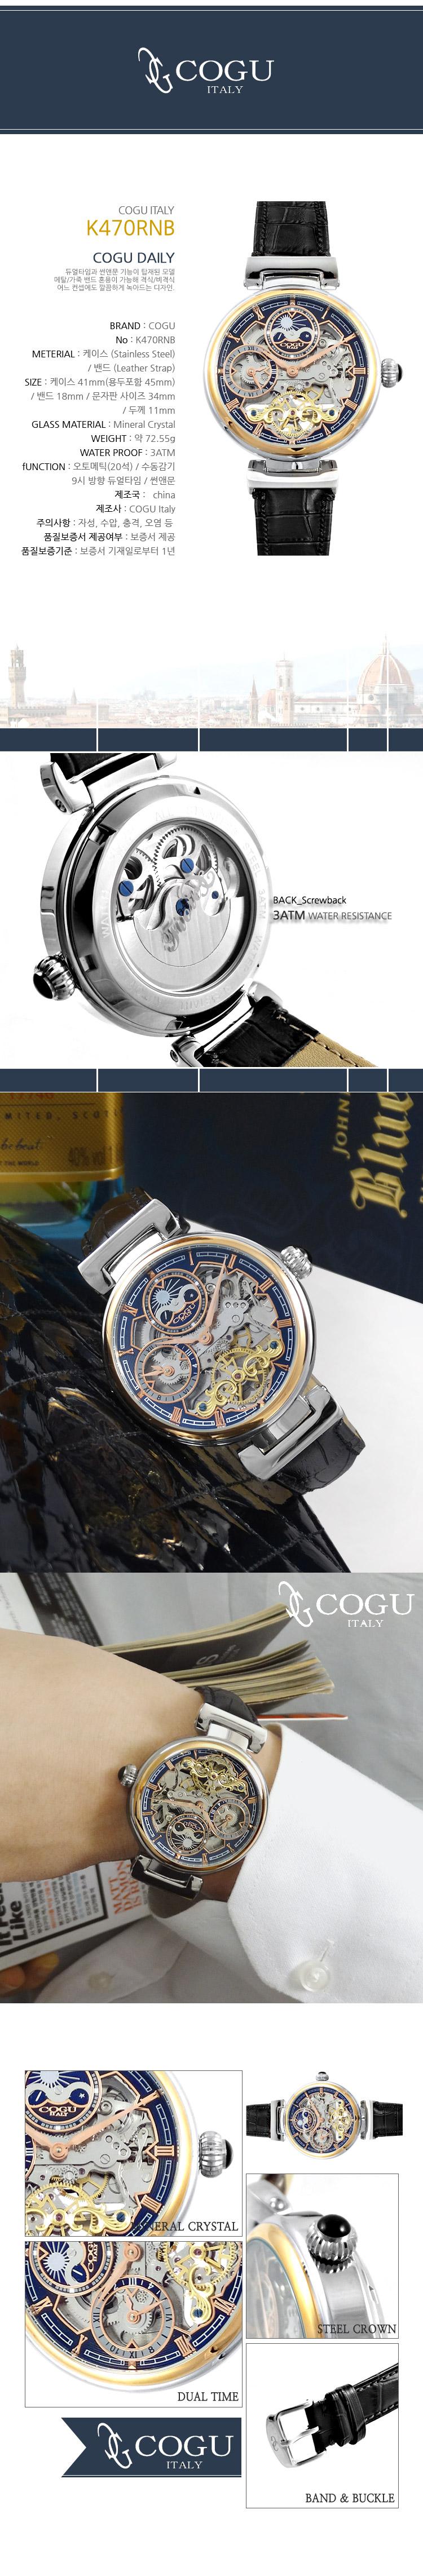 코구(COGU) K470RNB 남성 오토매틱 가죽 손목시계